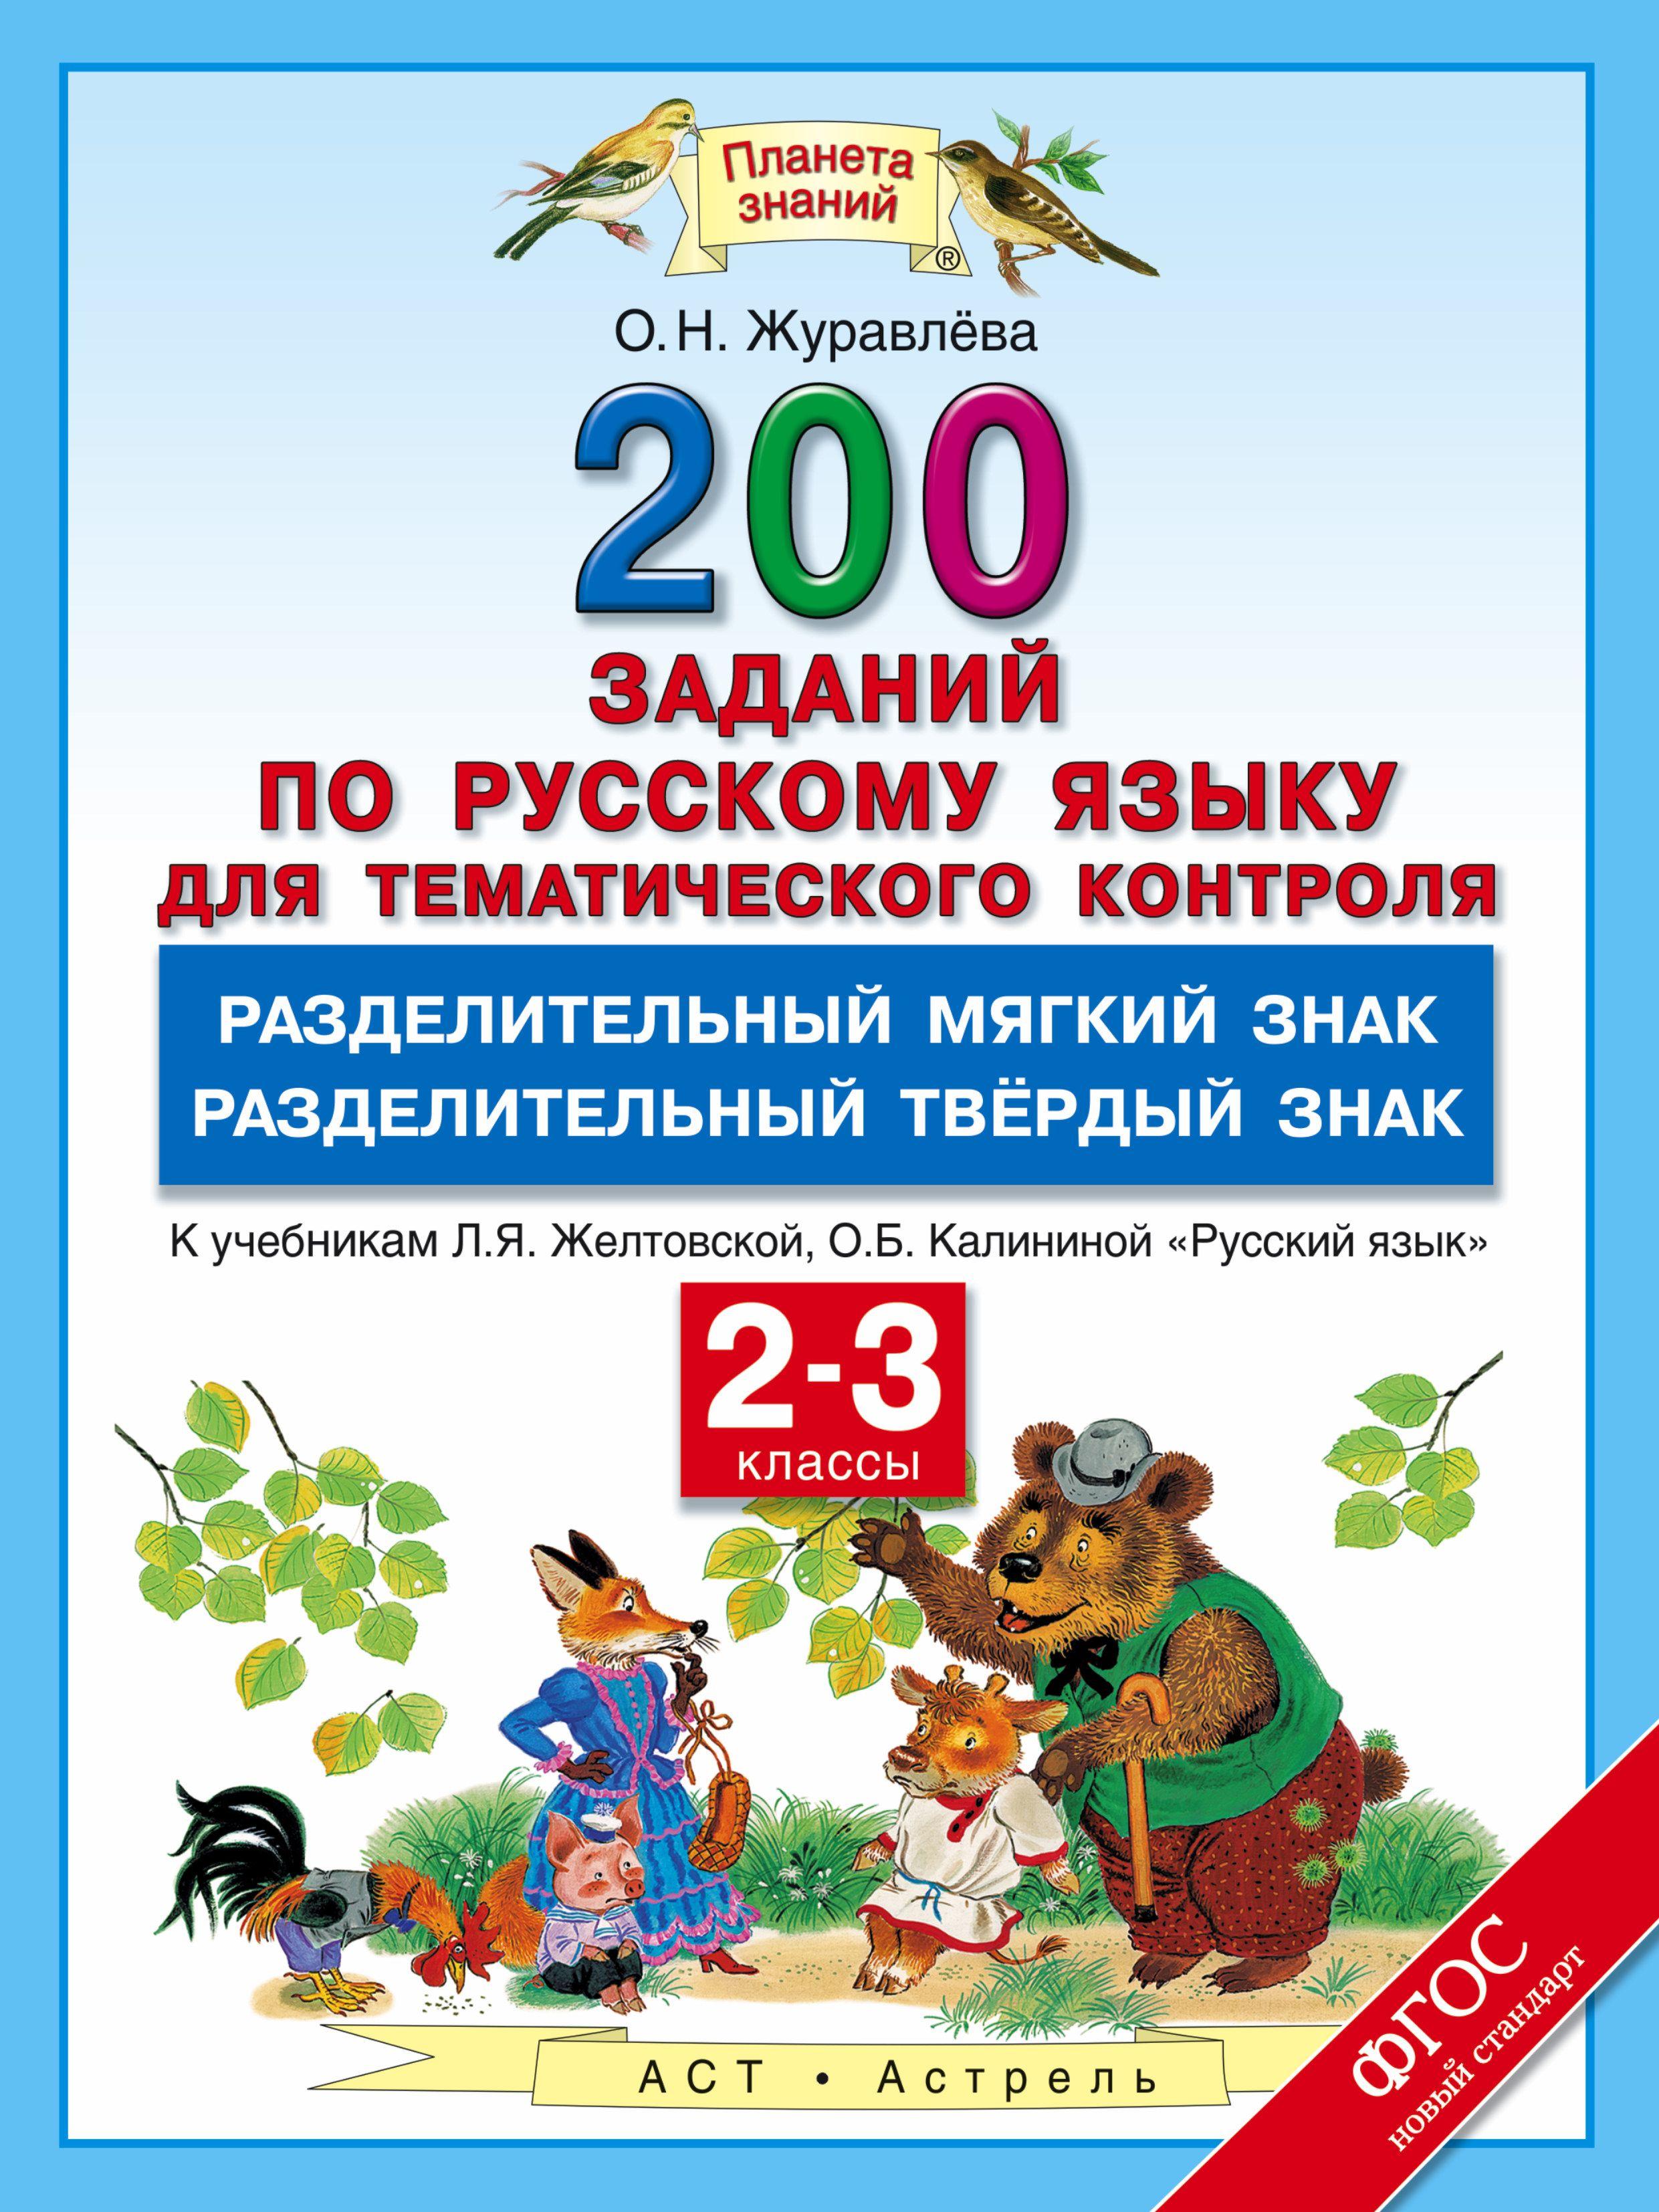 решебник по русский язык 4 класс сильнова каневская олейник ответы